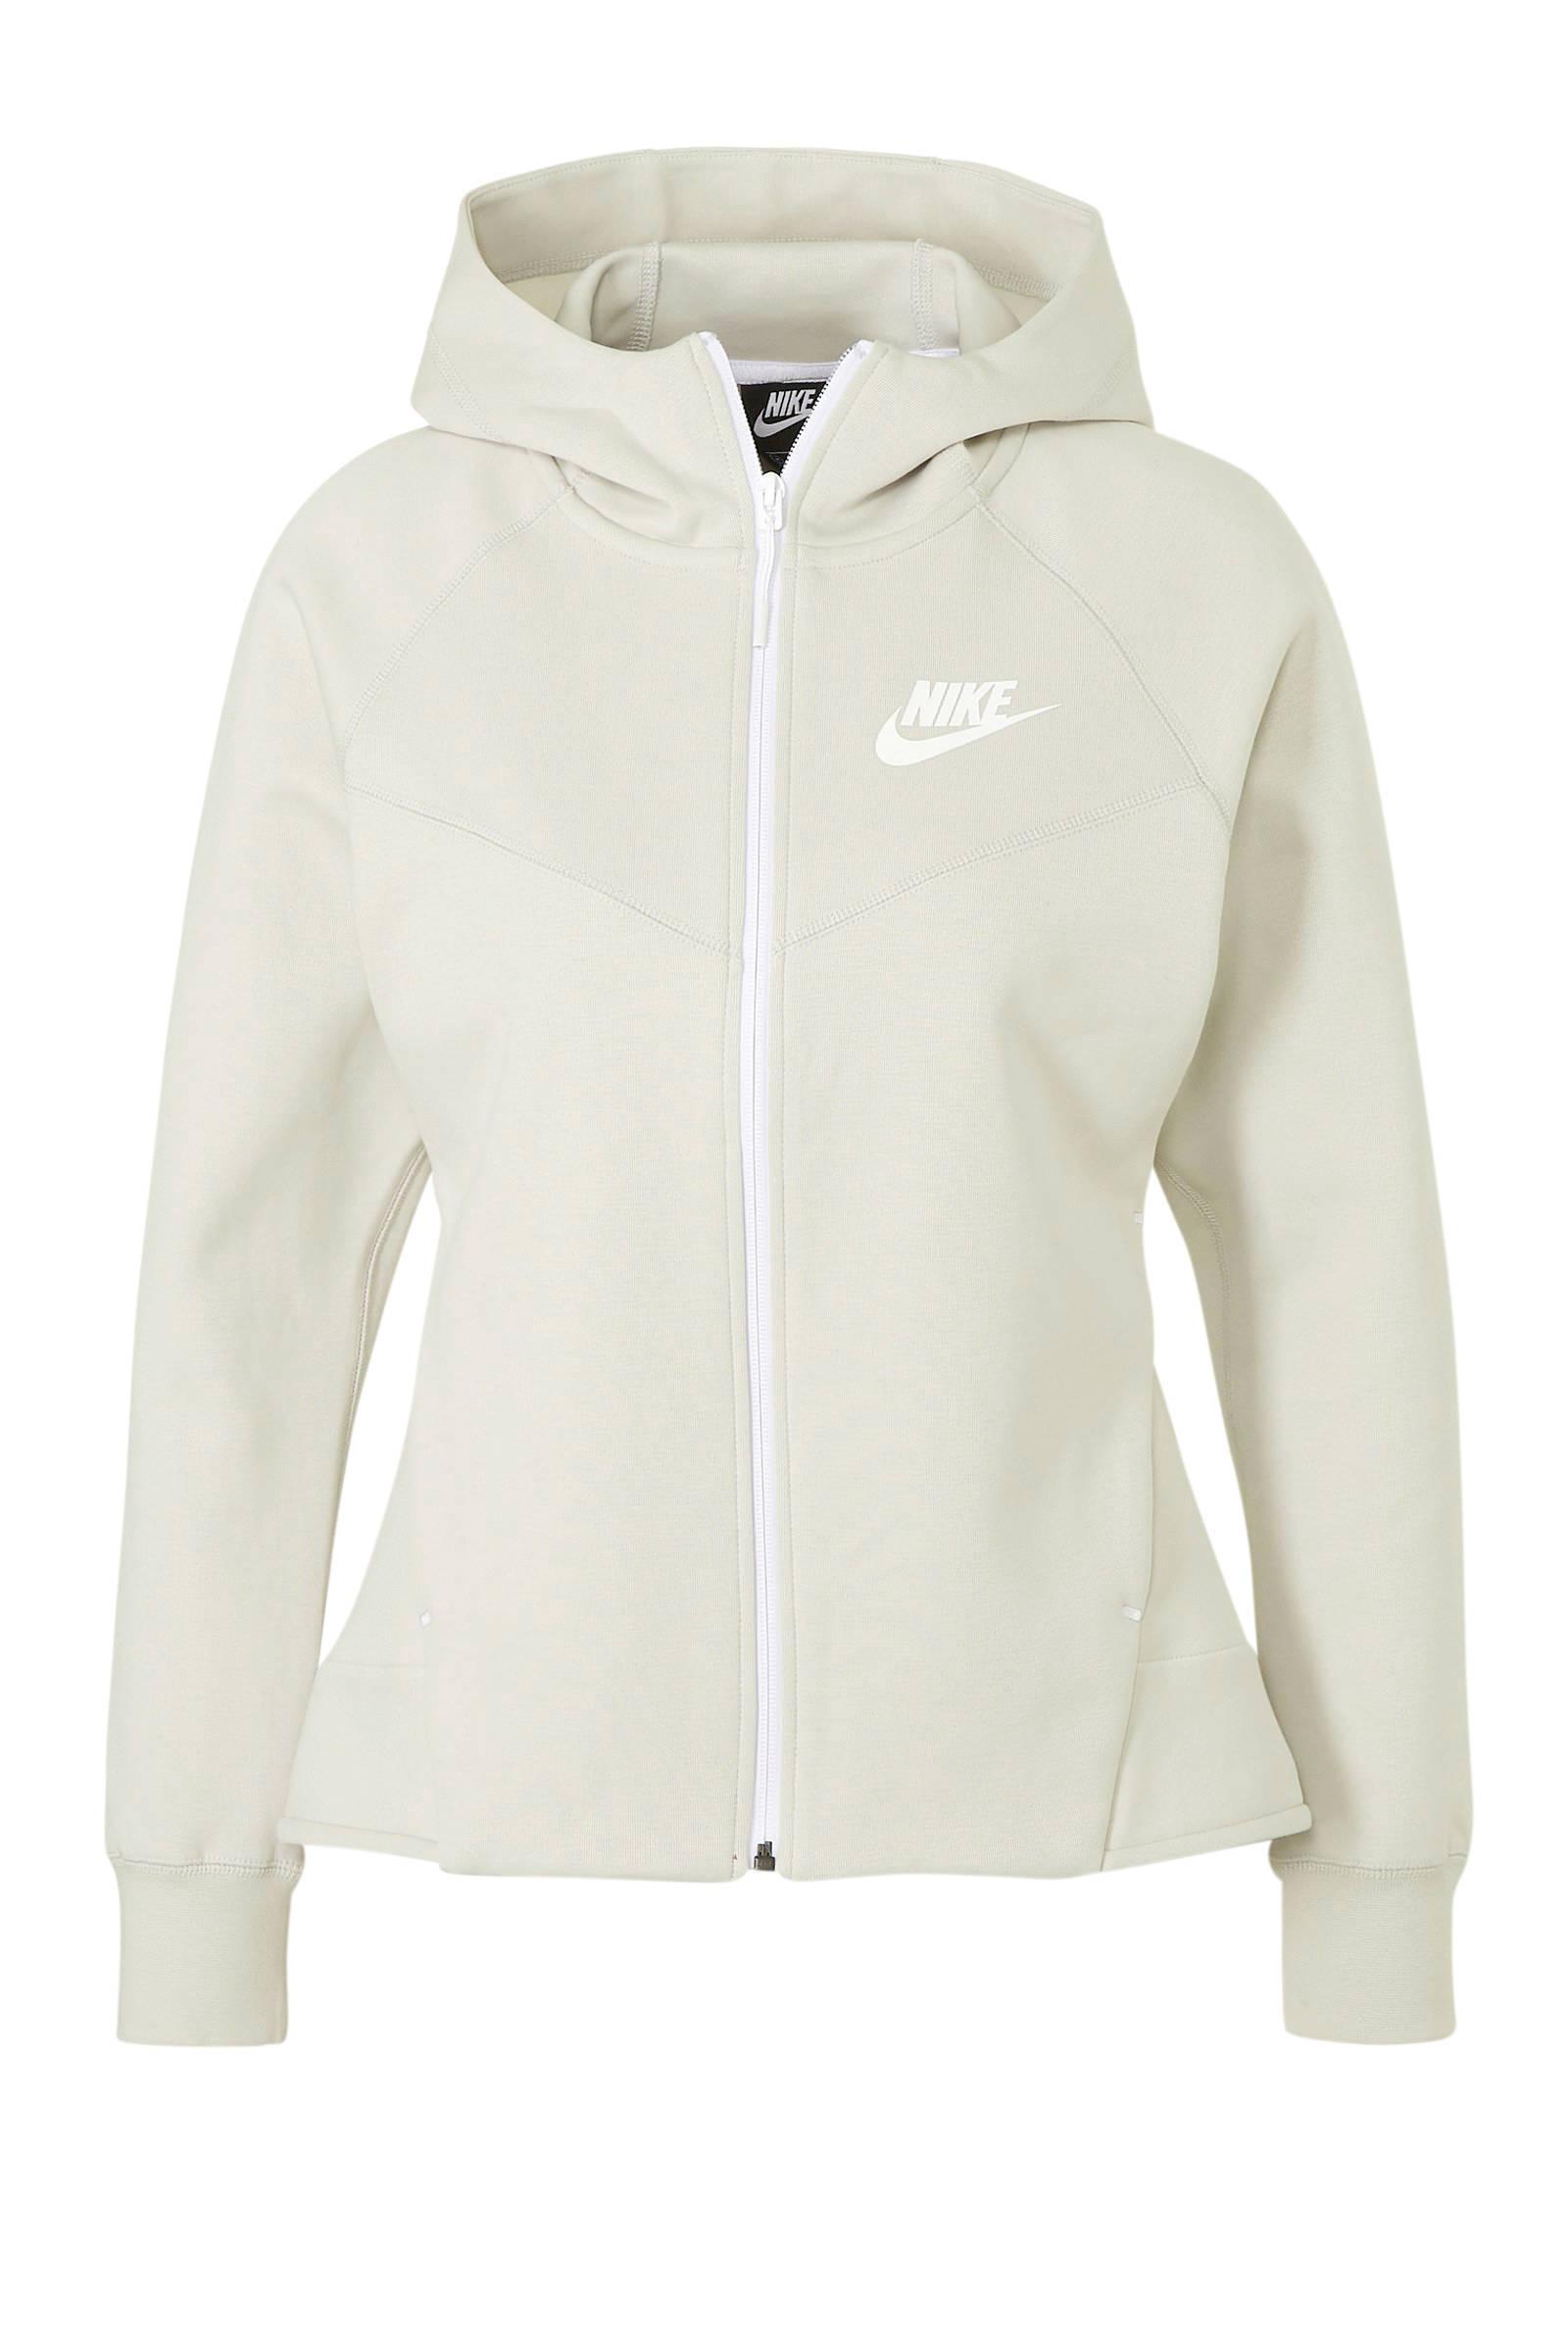 Nike Tech Fleece vest lichtgrijs | wehkamp